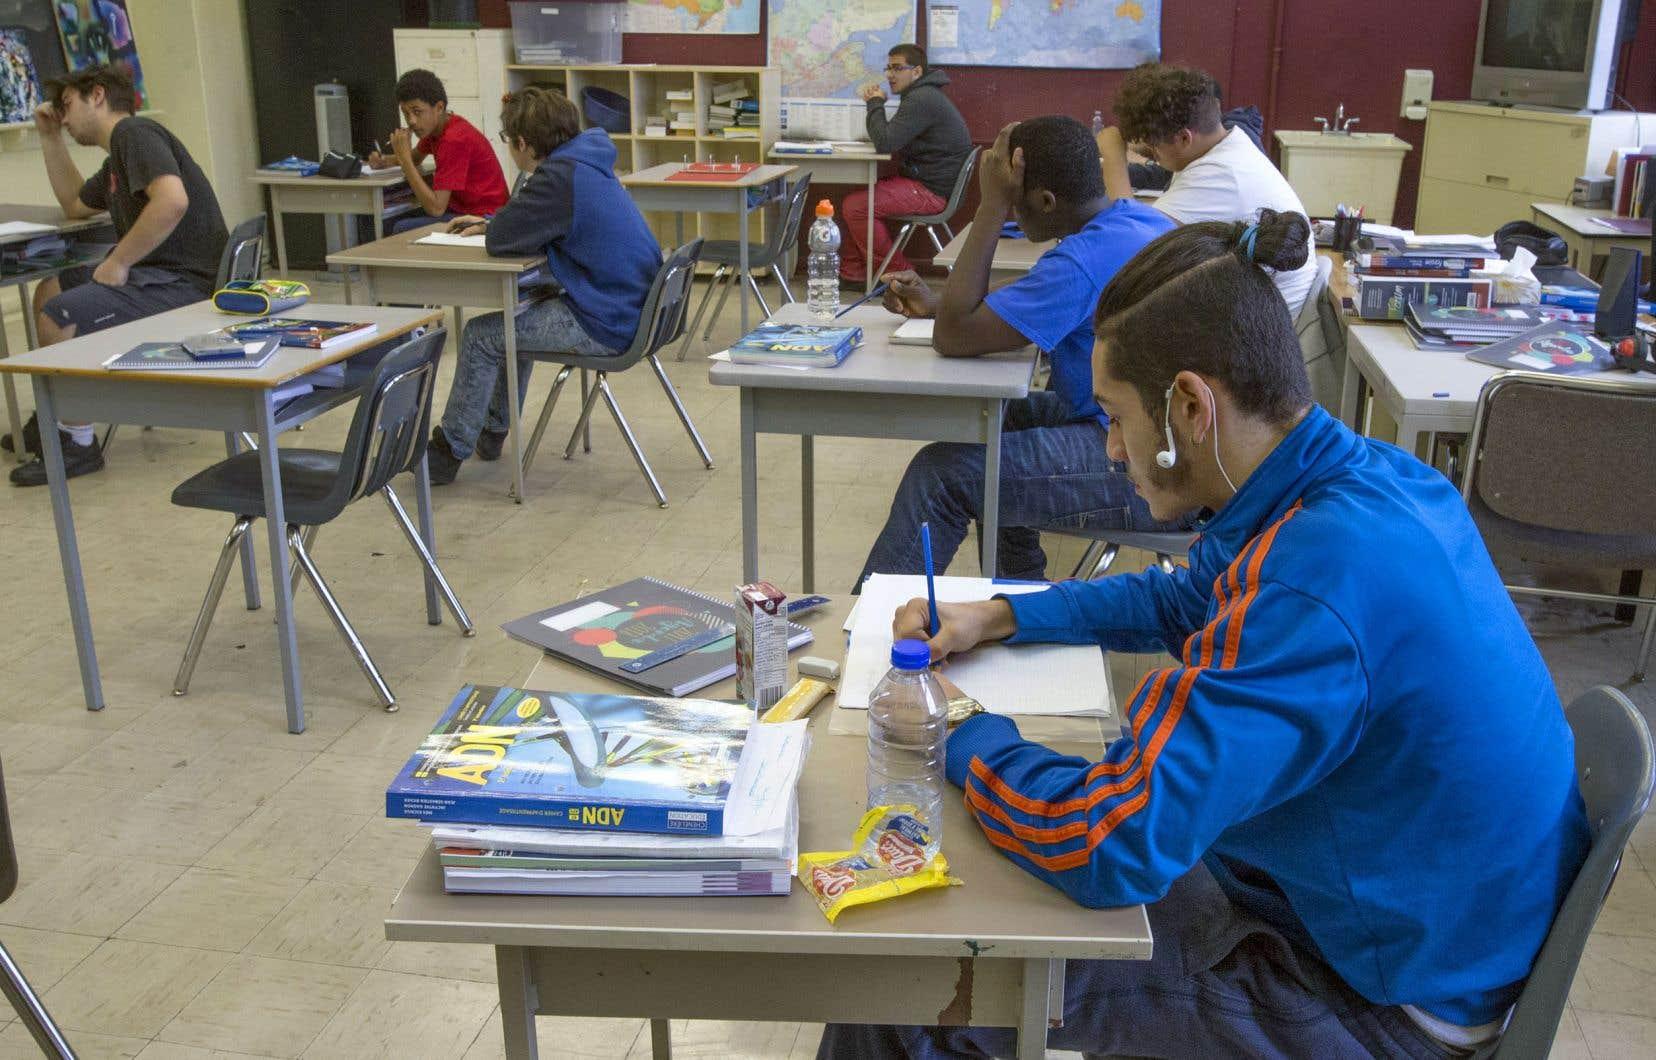 Le Centre d'intégration scolaire de Montréal risque de perdre les locaux qu'il loue dans un bâtiment excédentaire de la CSDM.